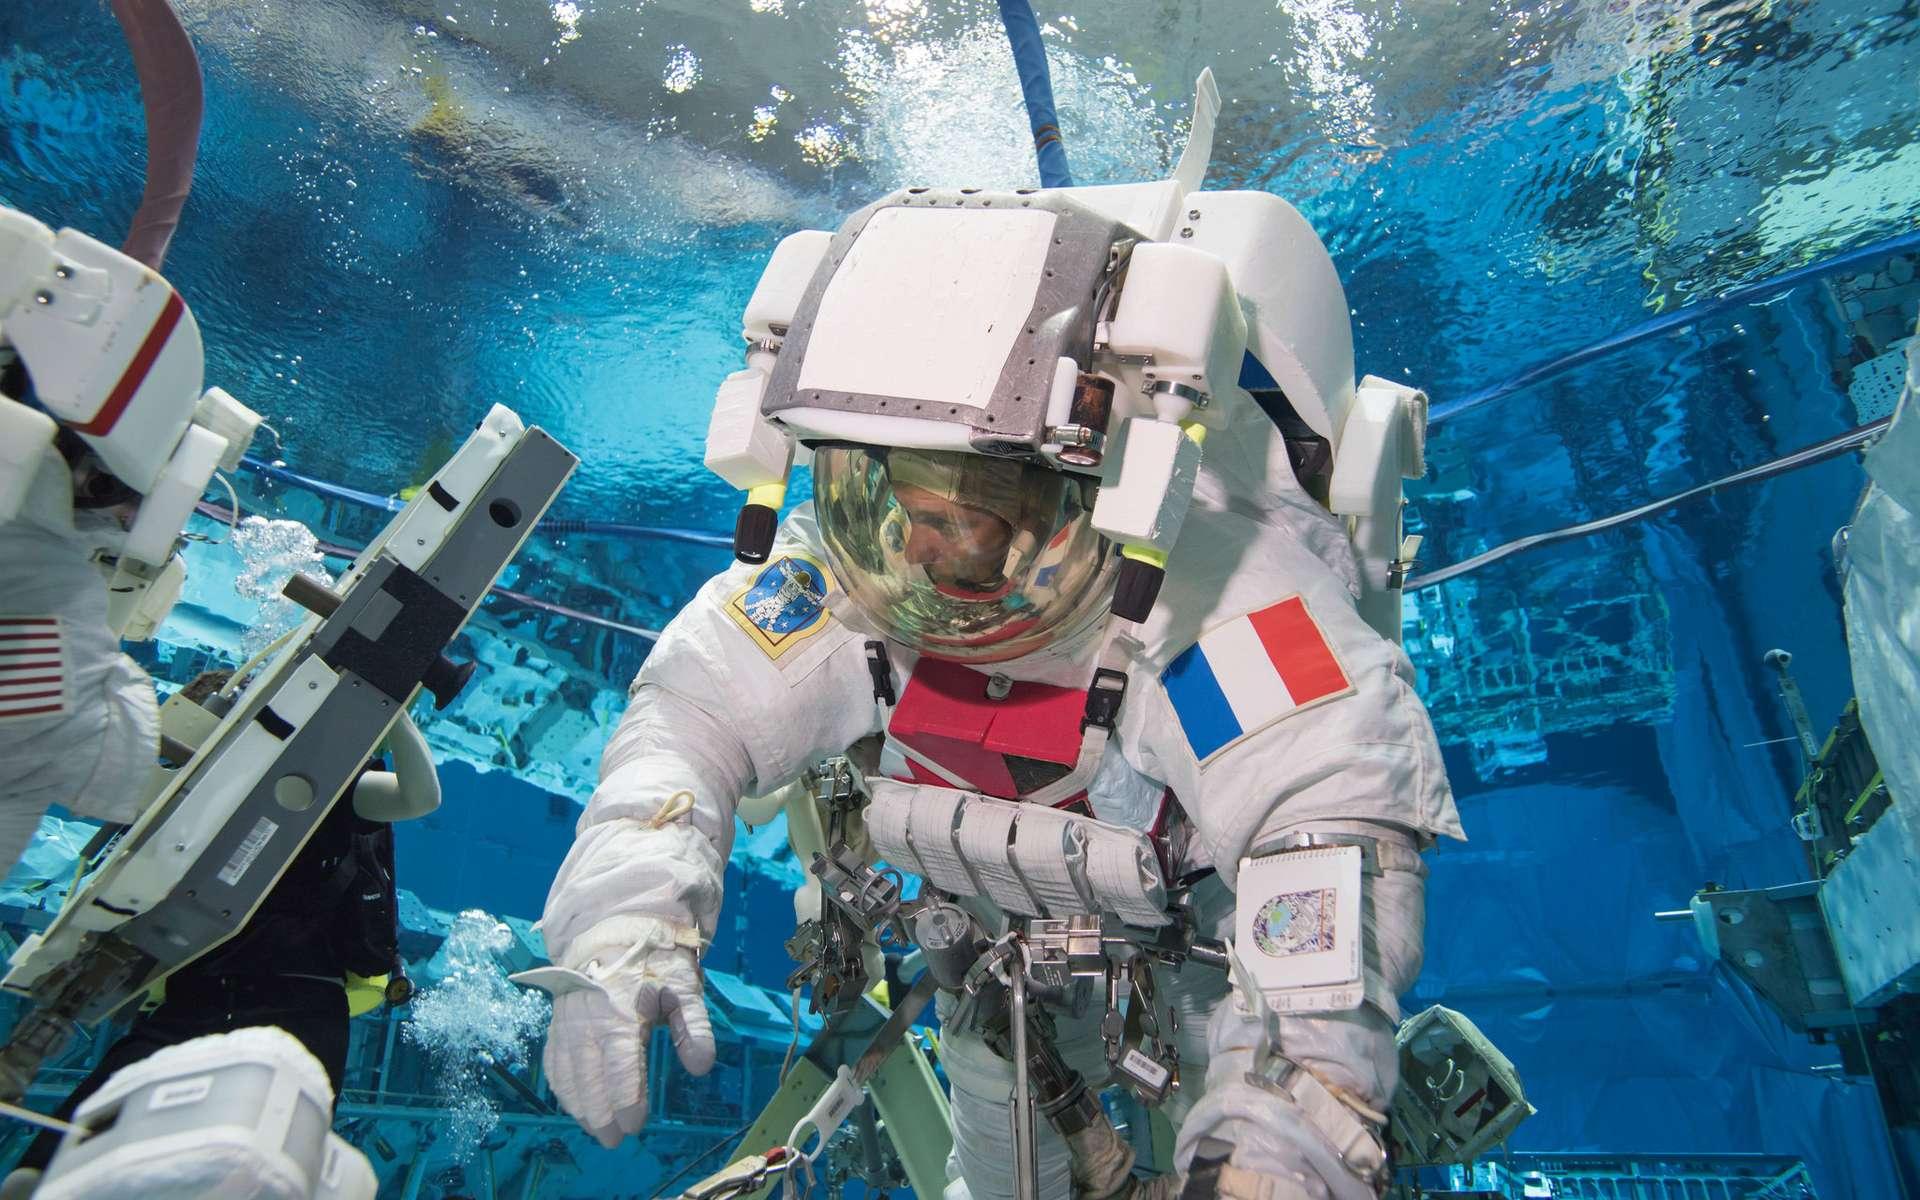 Thomas Pesquet à l'entraînement en janvier 2016, dans le Laboratoire de flottabilité neutre, répétant une des tâches qu'il aura à réaliser lors de son séjour à bord de la Station spatiale. © Neutral Buoyancy Laboratory, Bill Brassard